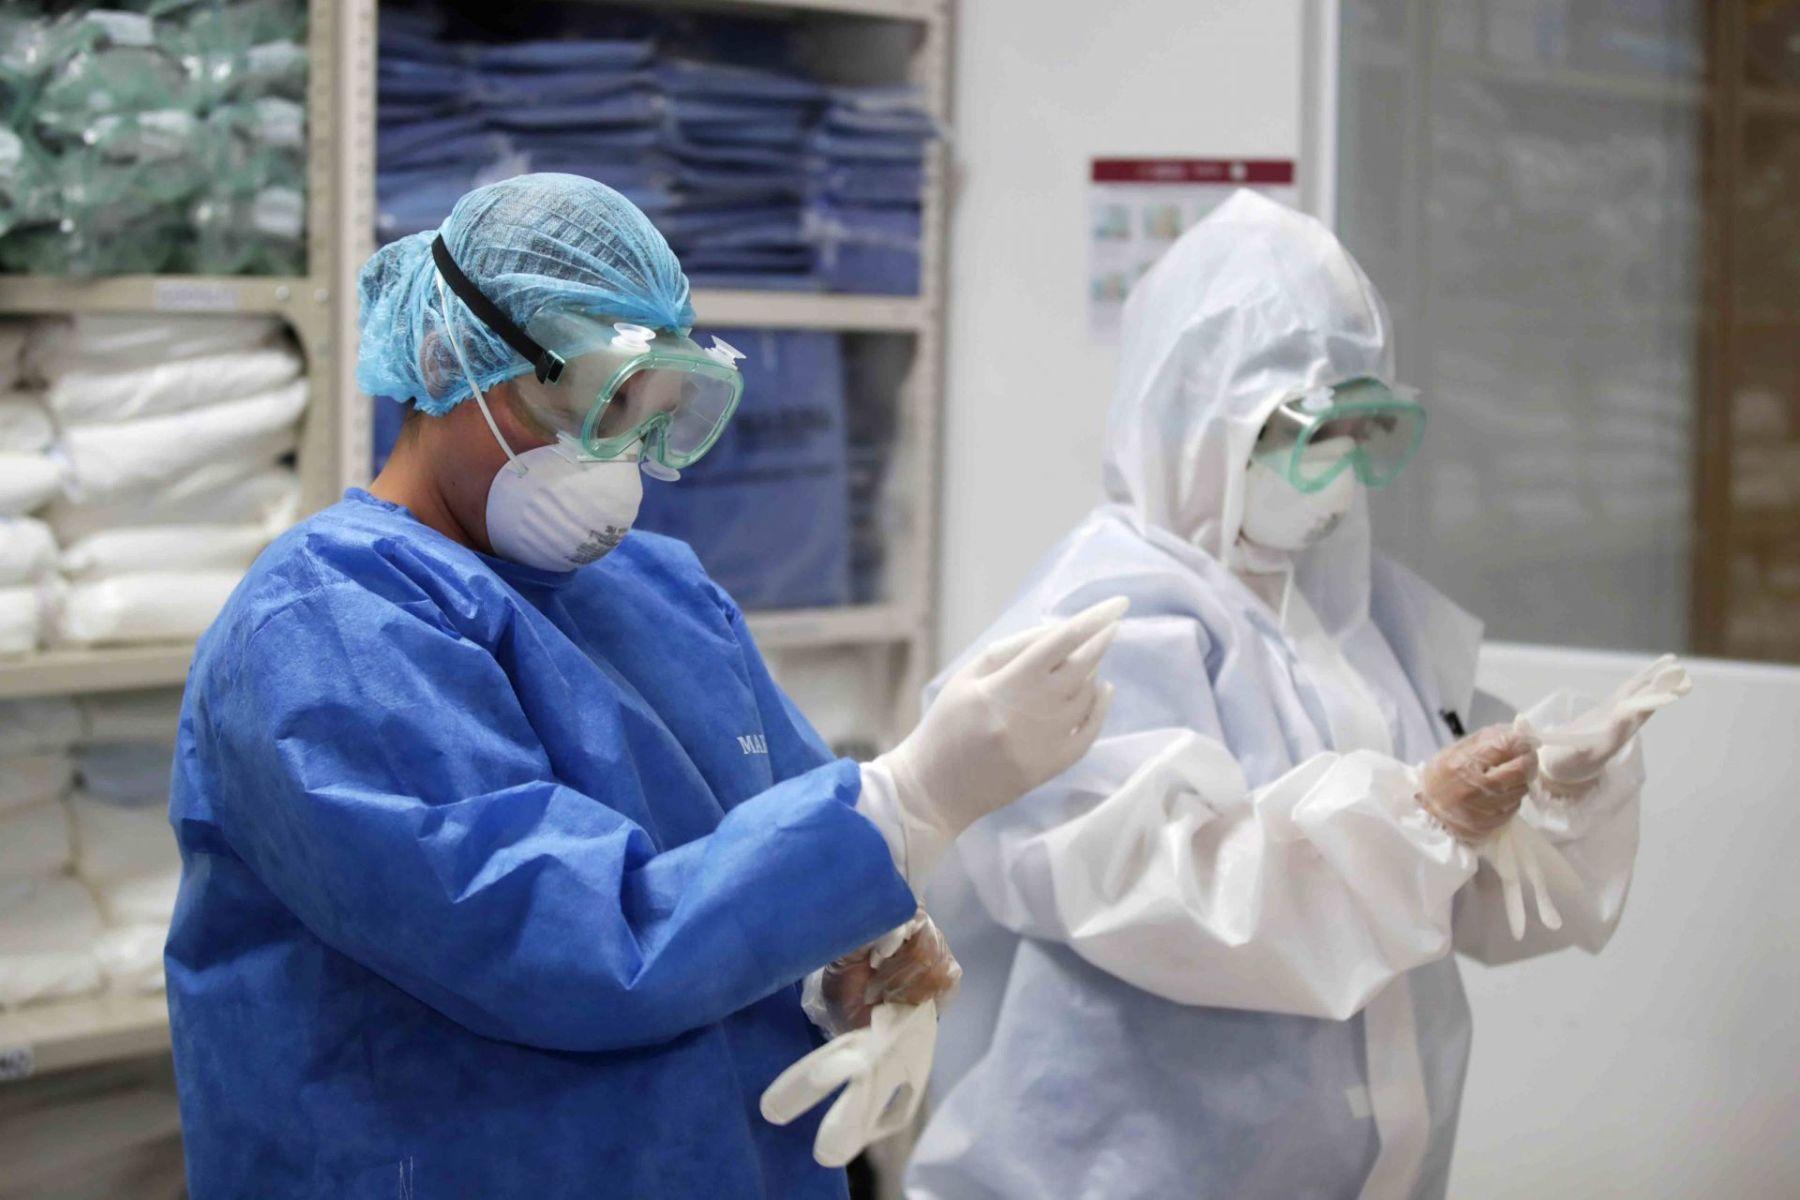 Piden pago extraordinario a personal de salud por mes durante pandemia